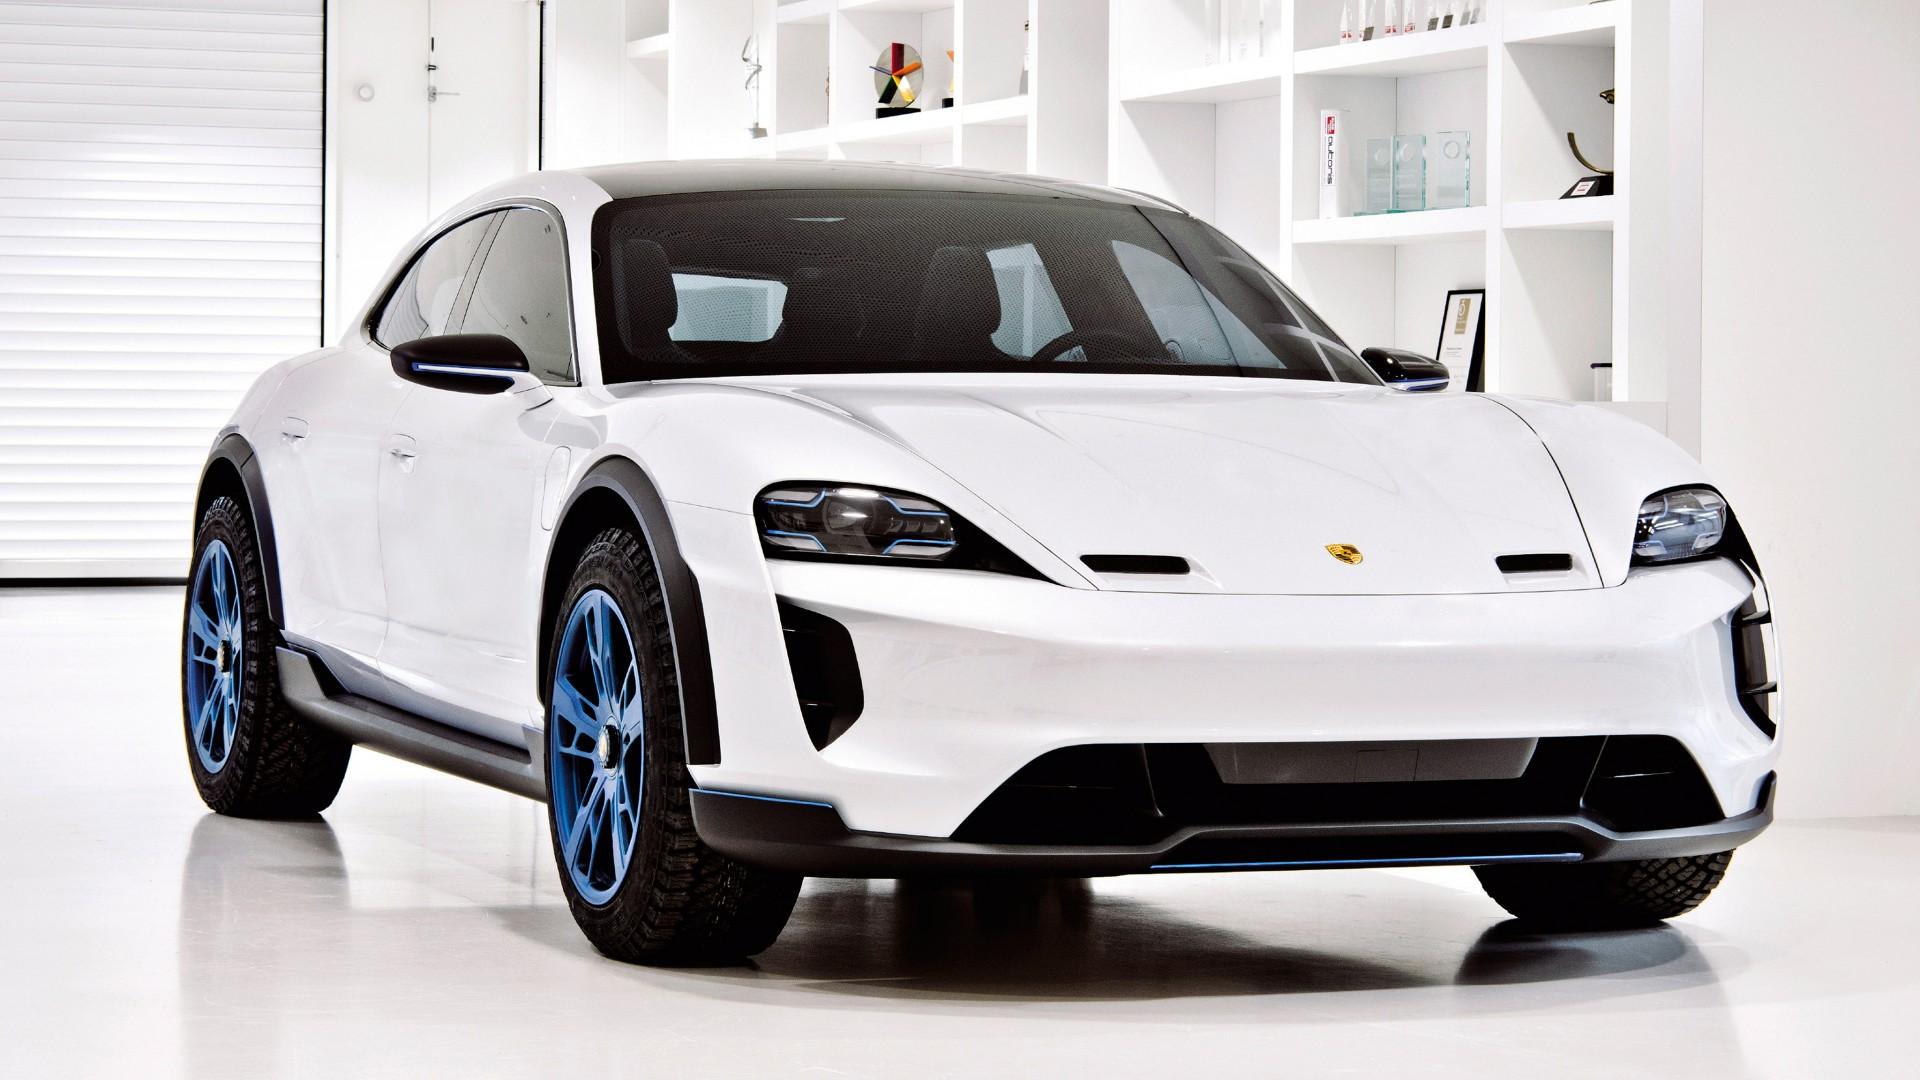 Porsche Mission E Cross Turismo 2018 4k Wallpaper Hd Car